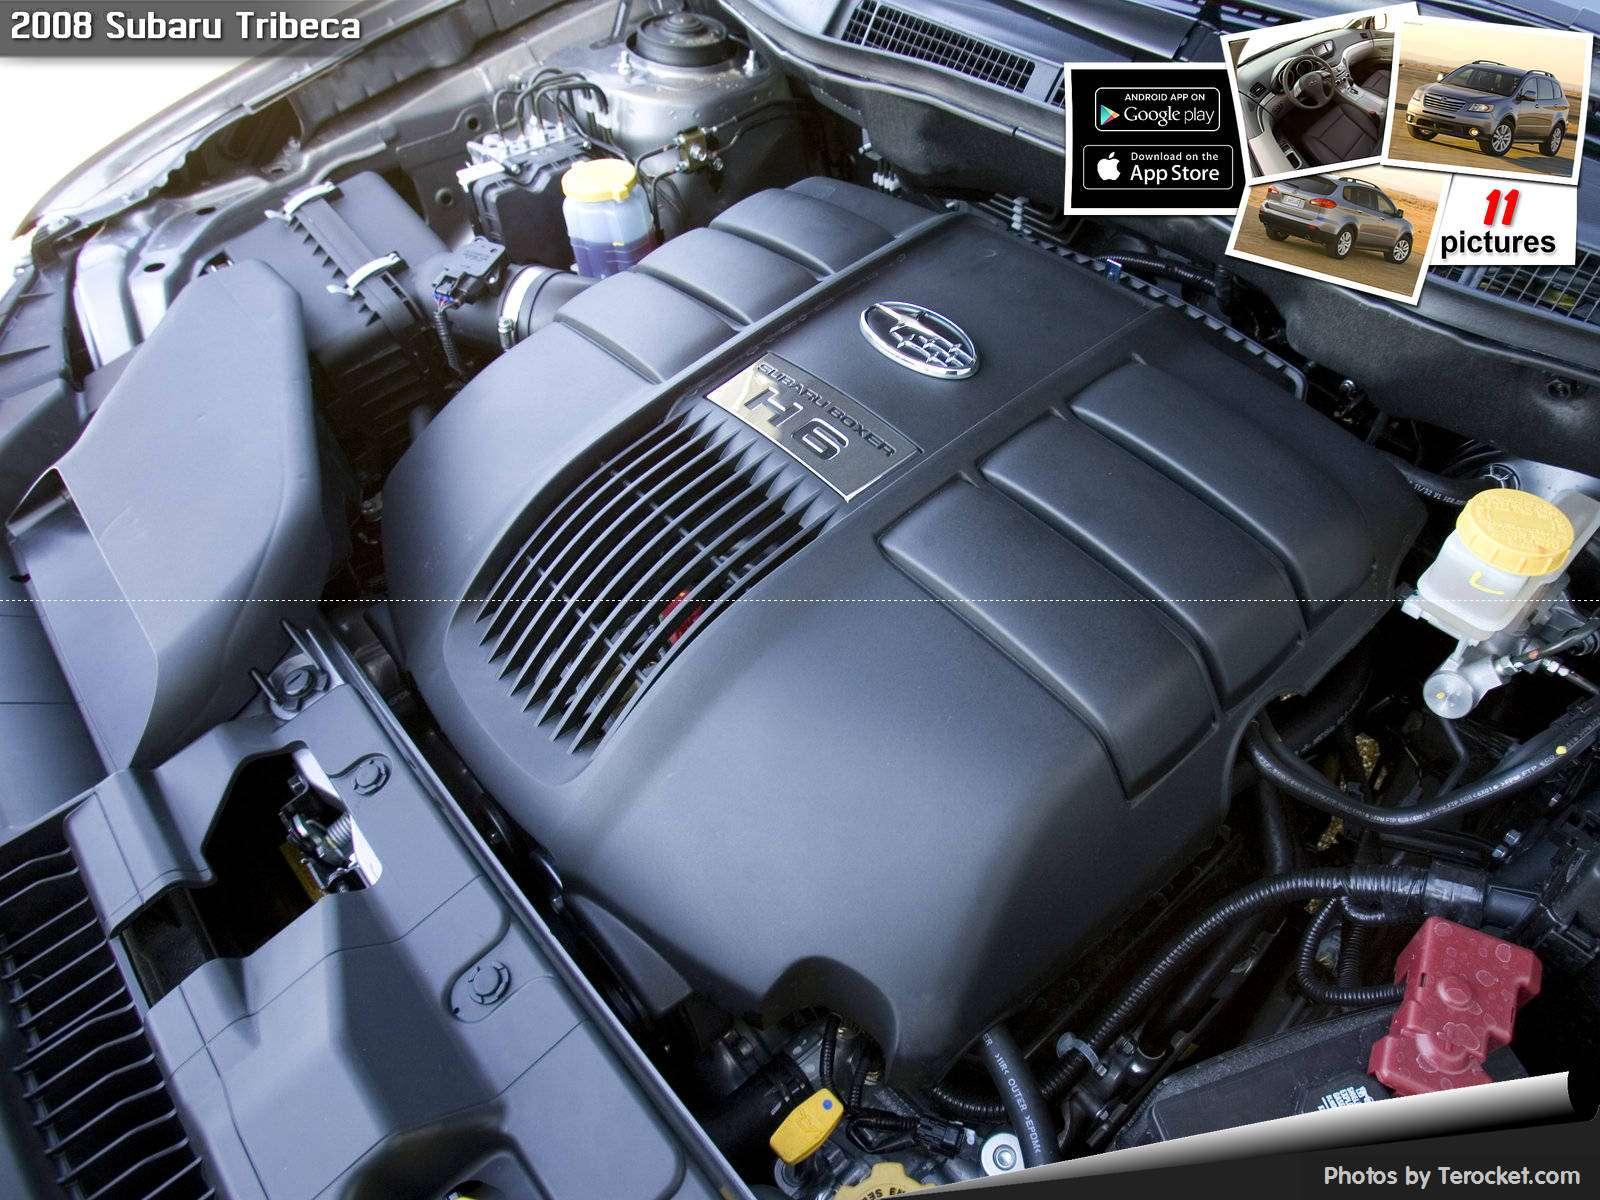 Hình ảnh xe ô tô Subaru Tribeca 2008 & nội ngoại thất